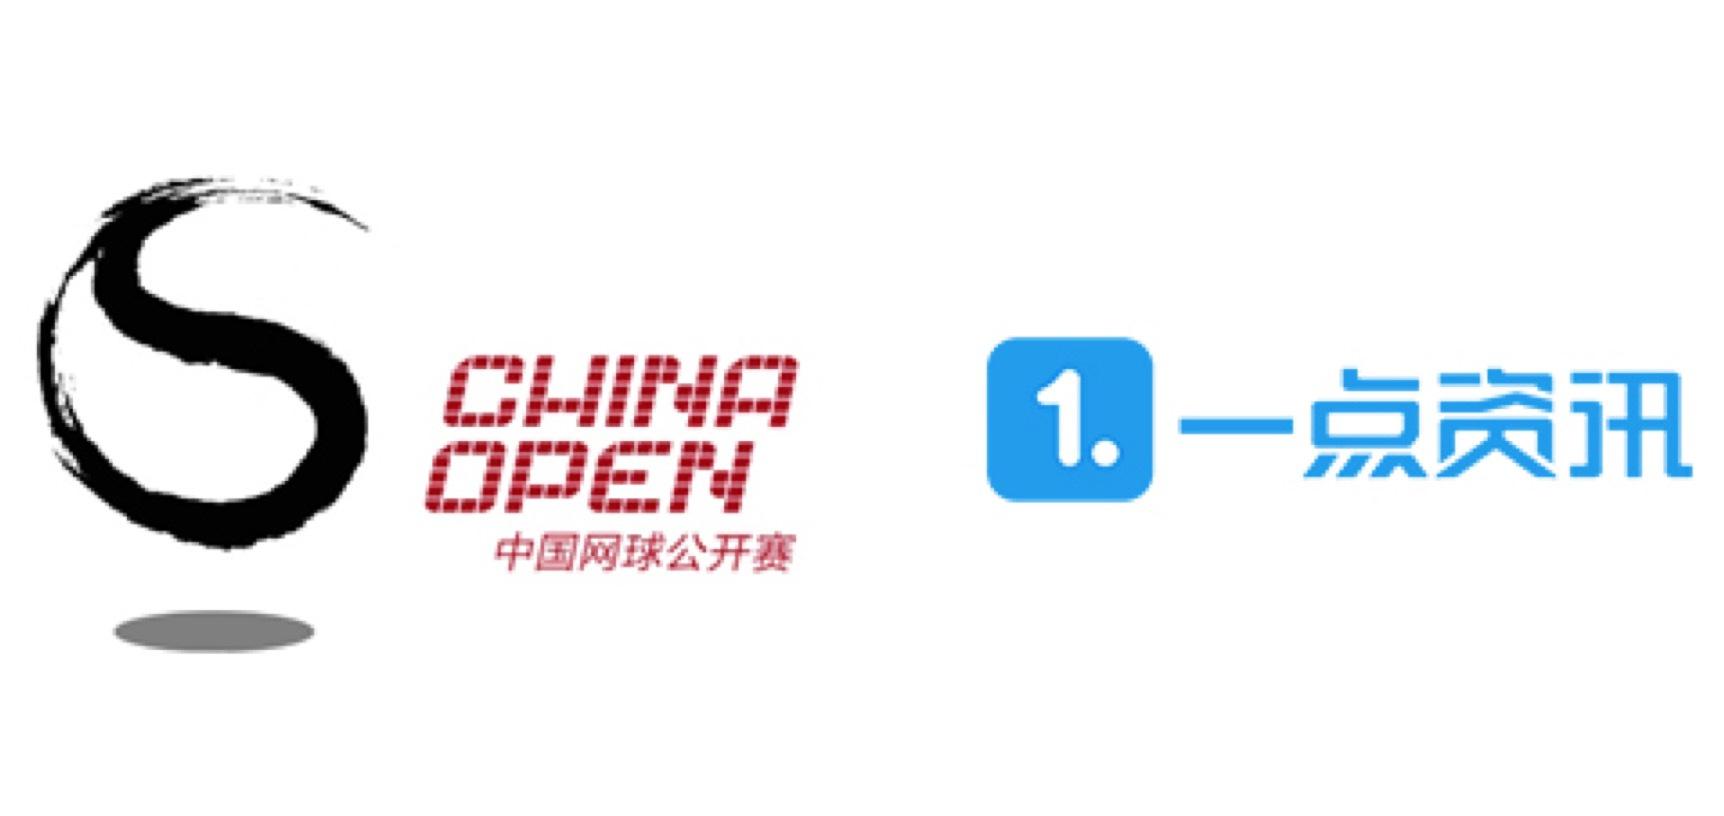 一点资讯logo_畅快观赛!一点资讯获中国网球公开赛独家短视频播放权